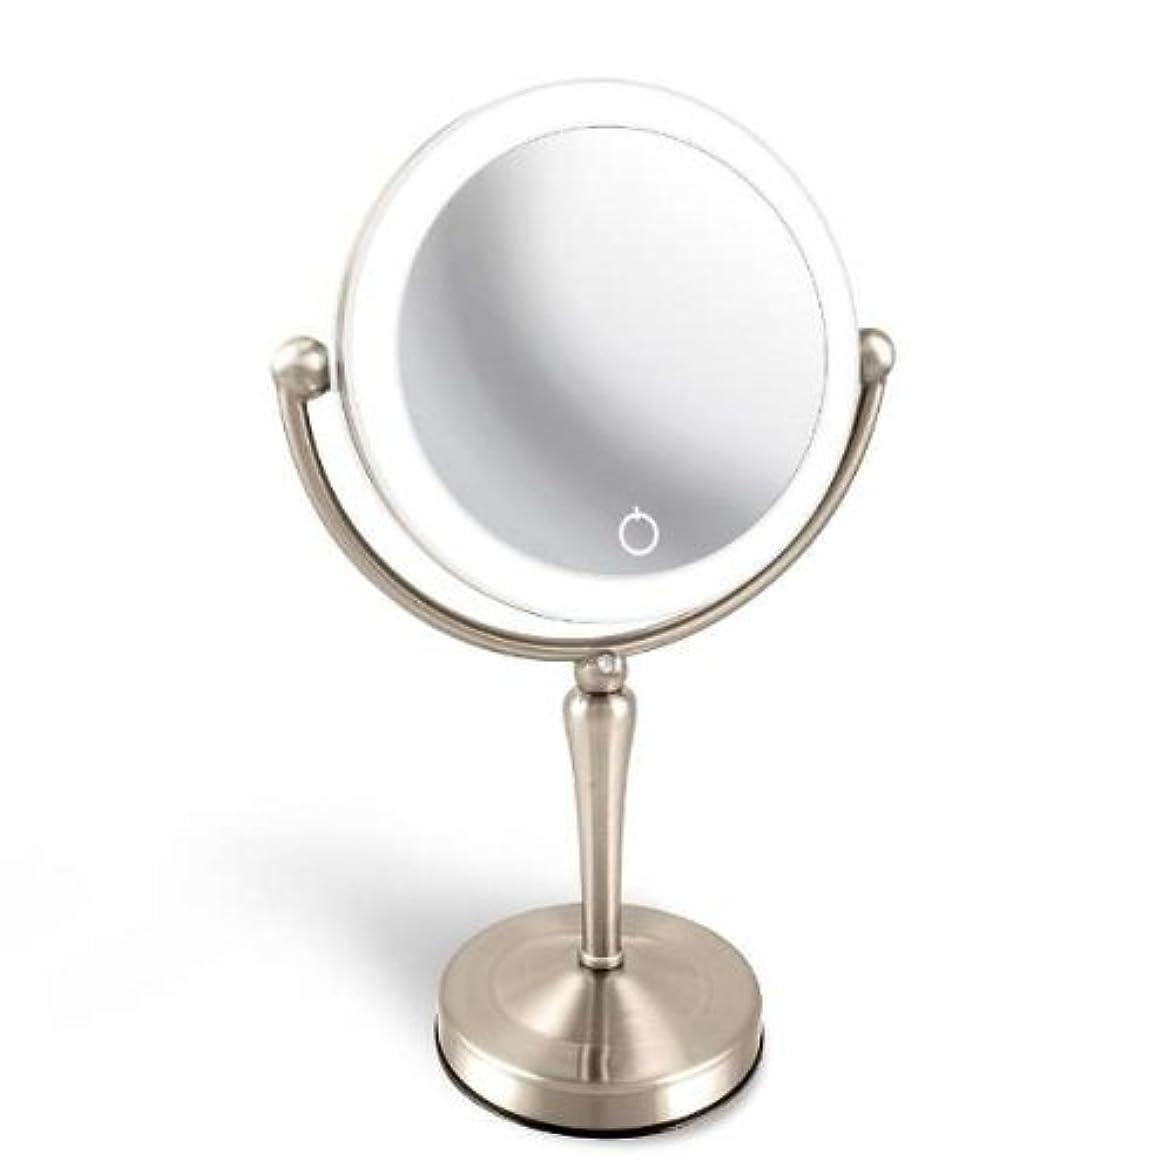 ビザ幻滅する異常真実の鏡Luxe 両面Z型 EC005ZLXAC-5X